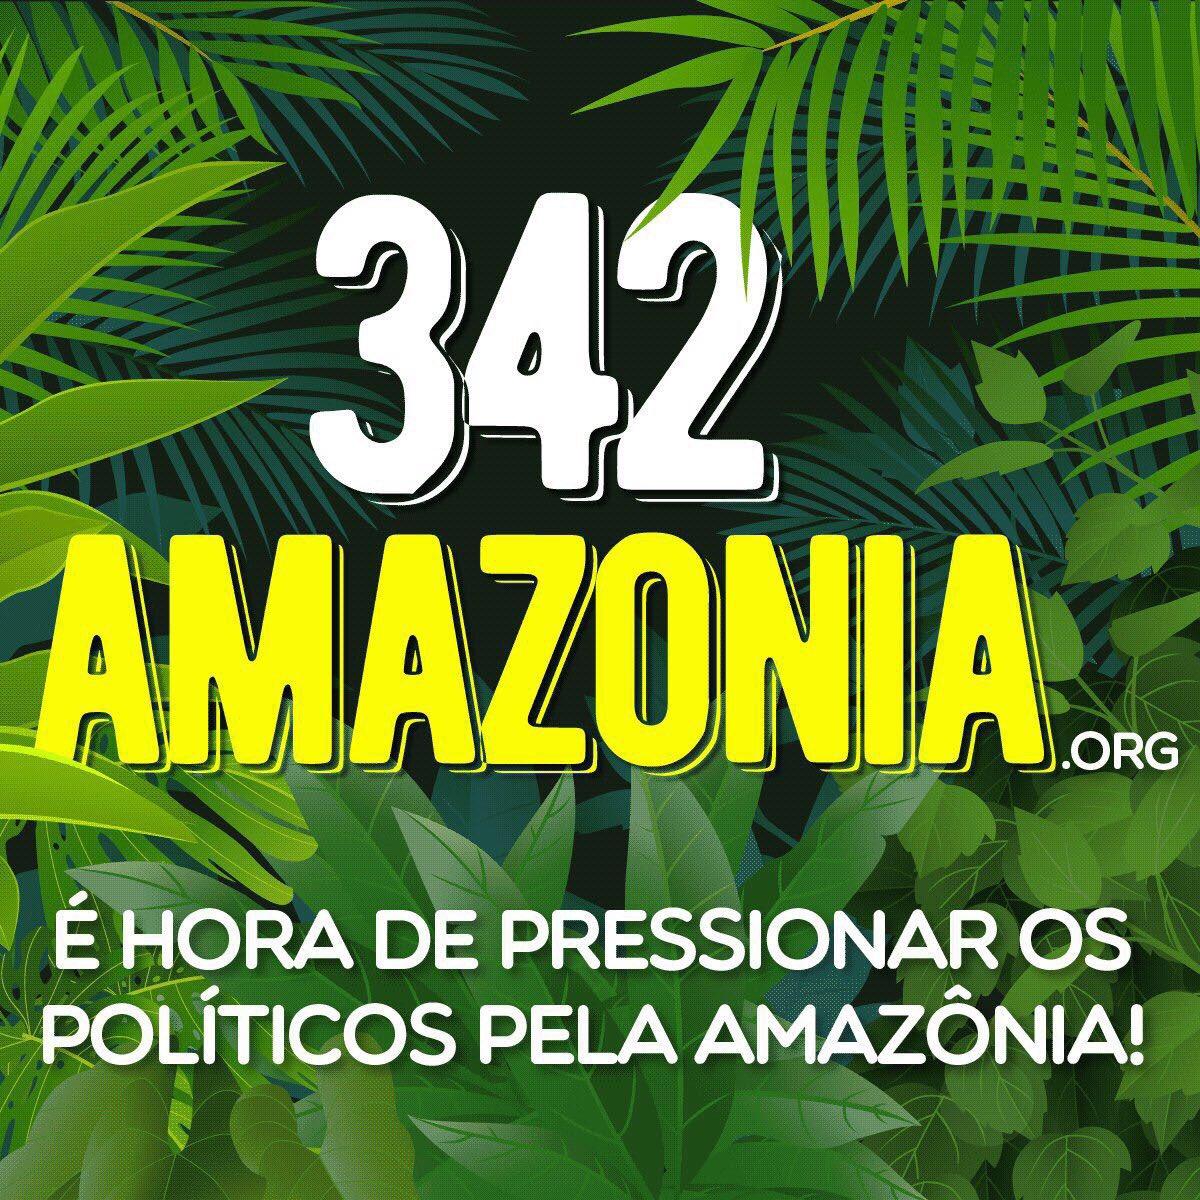 Acesse https://t.co/QR8BpxK7m6 , assine a petição e pressione os parlamentares para salvarmos a Amazônia! #TodosPelaAmazonia #342amazonia